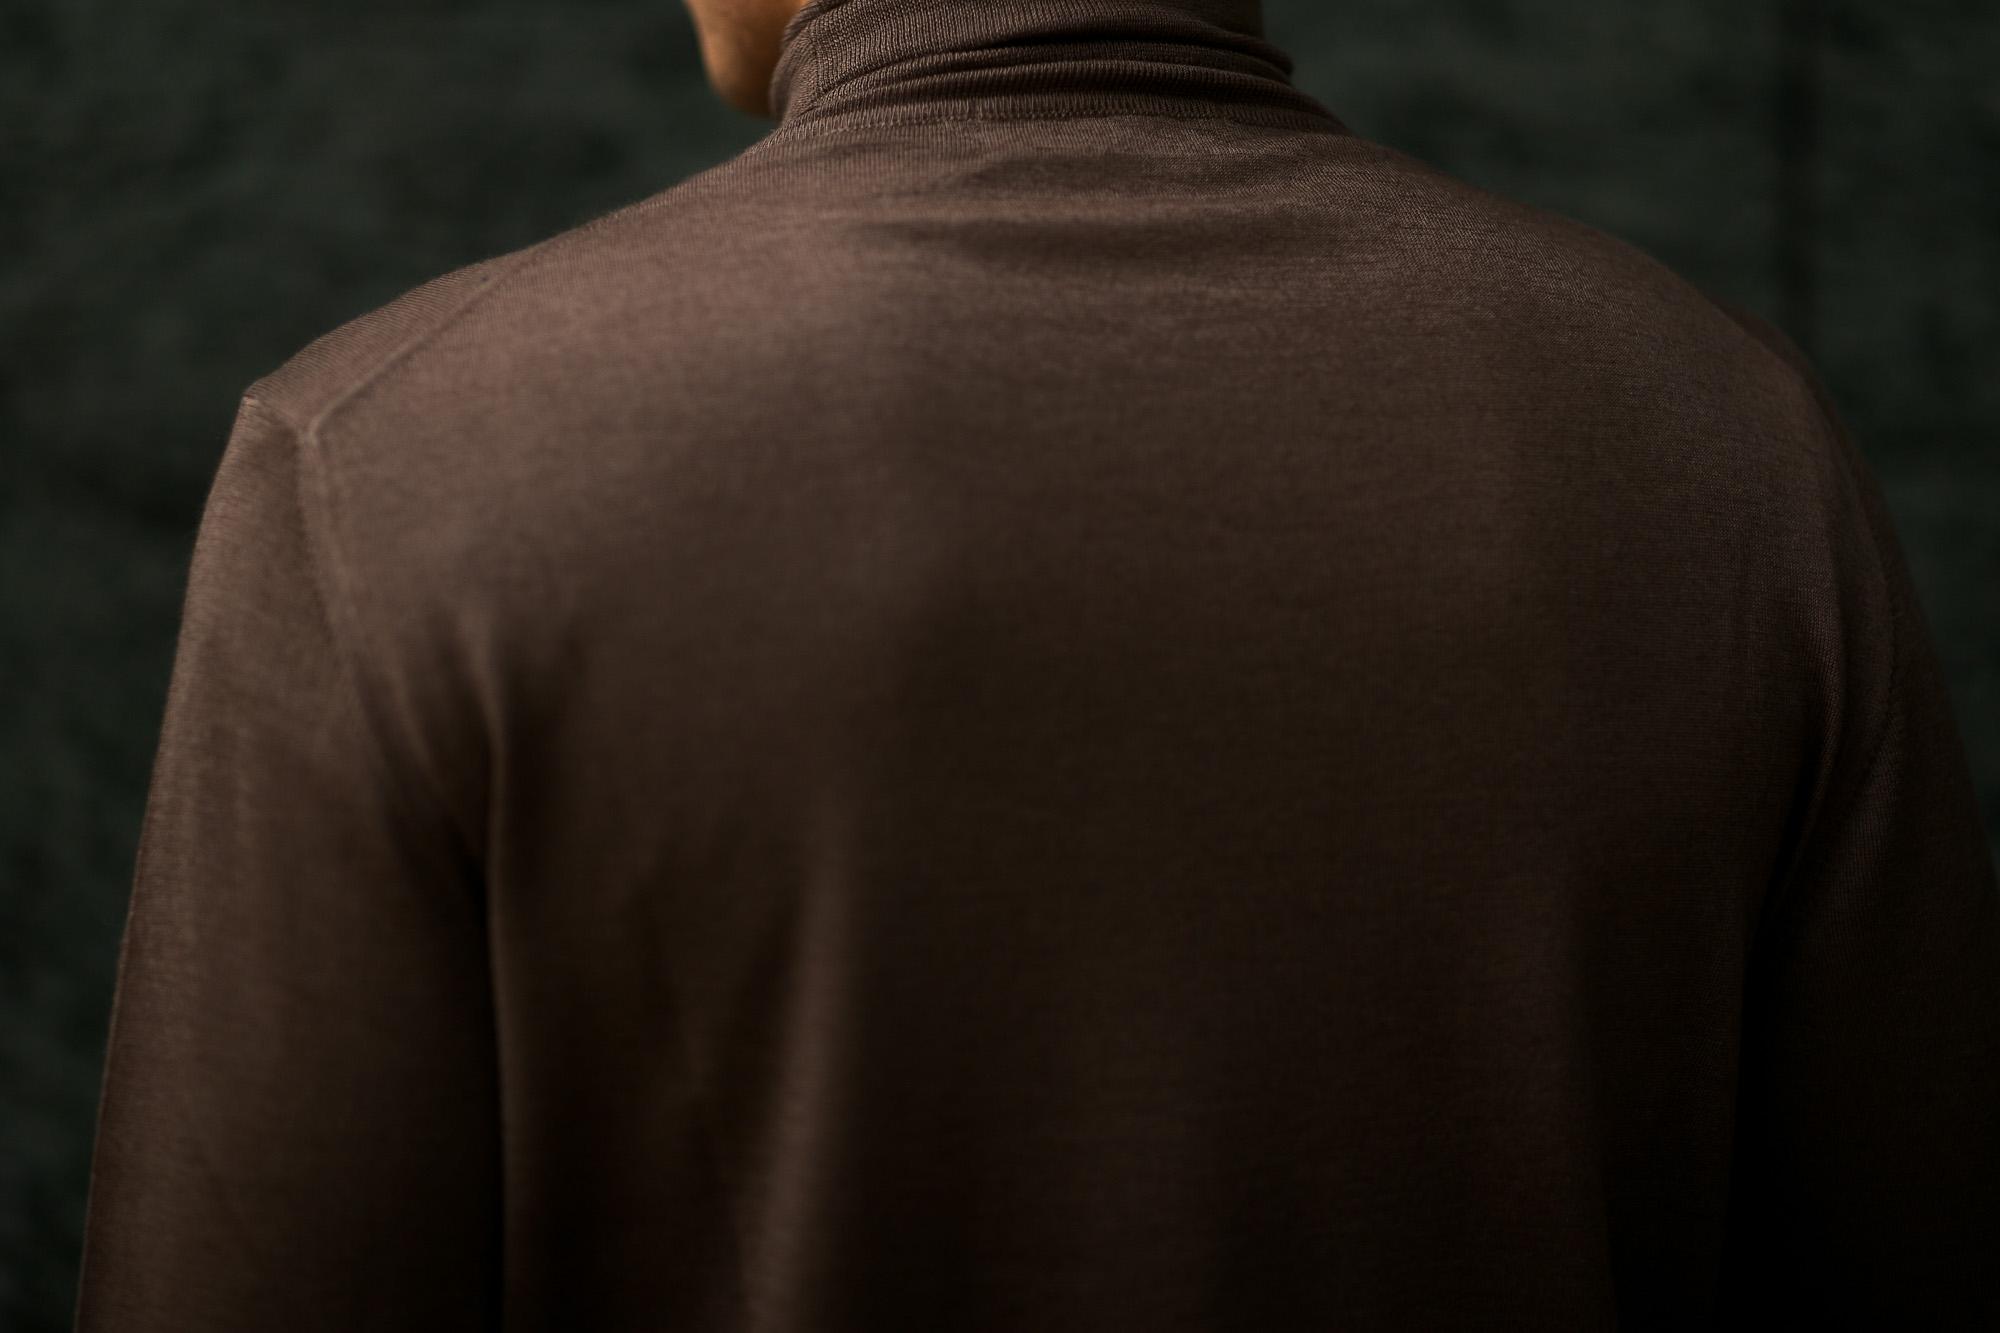 LAMBERTO LOSANI (ランベルト ロザーニ) Silk Cashmere Turtle Neck Sweaterシルクカシミア タートルネック セーター) ハイゲージ シルクカシミヤニット セーター BROWN (ブラウン・325) made in italy (イタリア製) 2019 秋冬新作 lambertolosani altoediritto アルトエデリット 愛知 名古屋